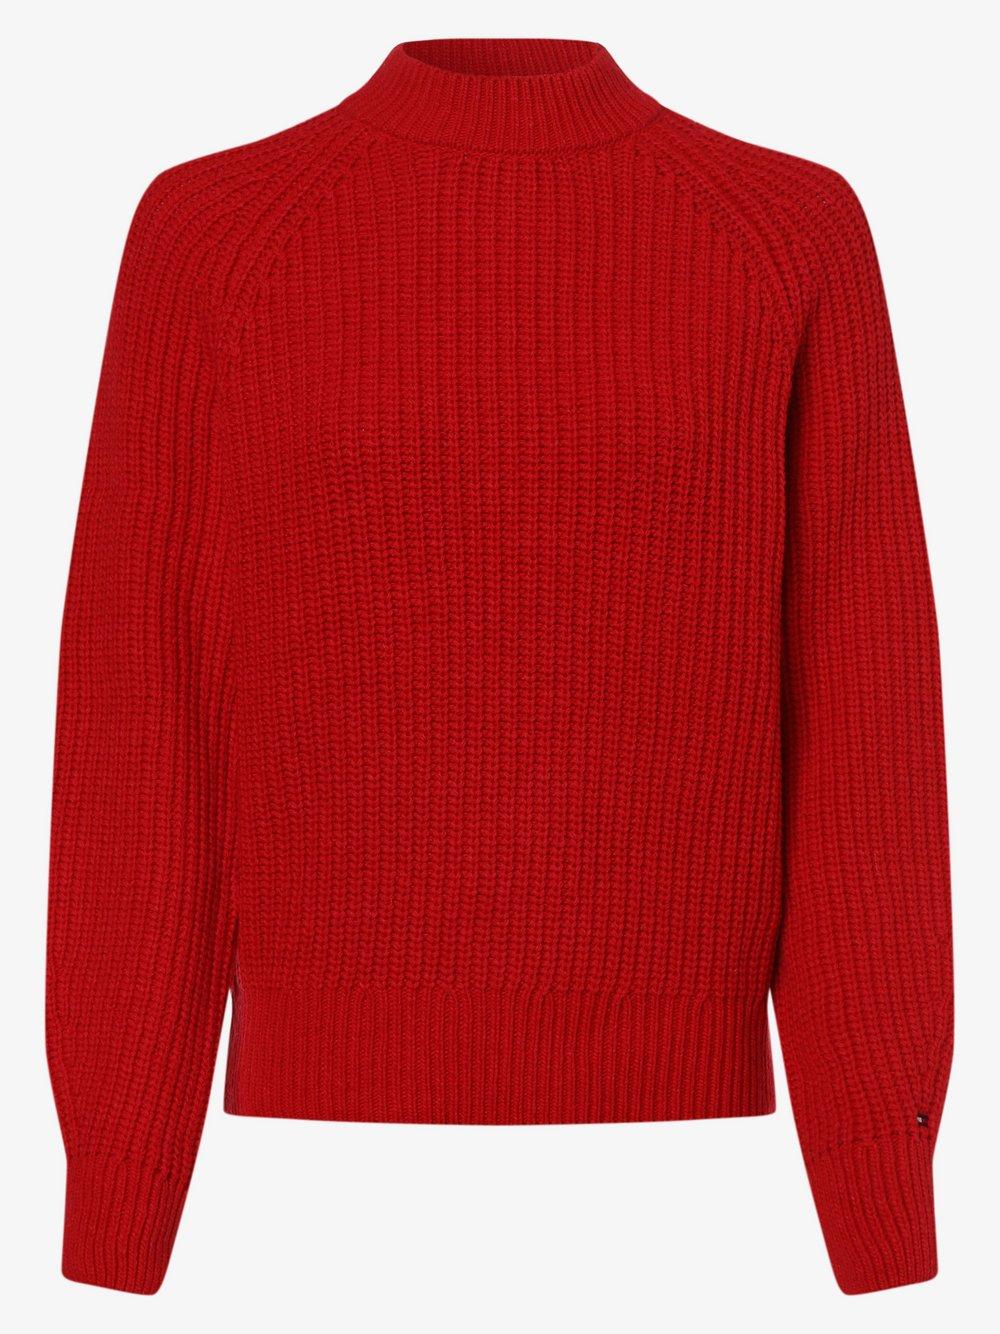 Tommy Hilfiger - Sweter damski, czerwony